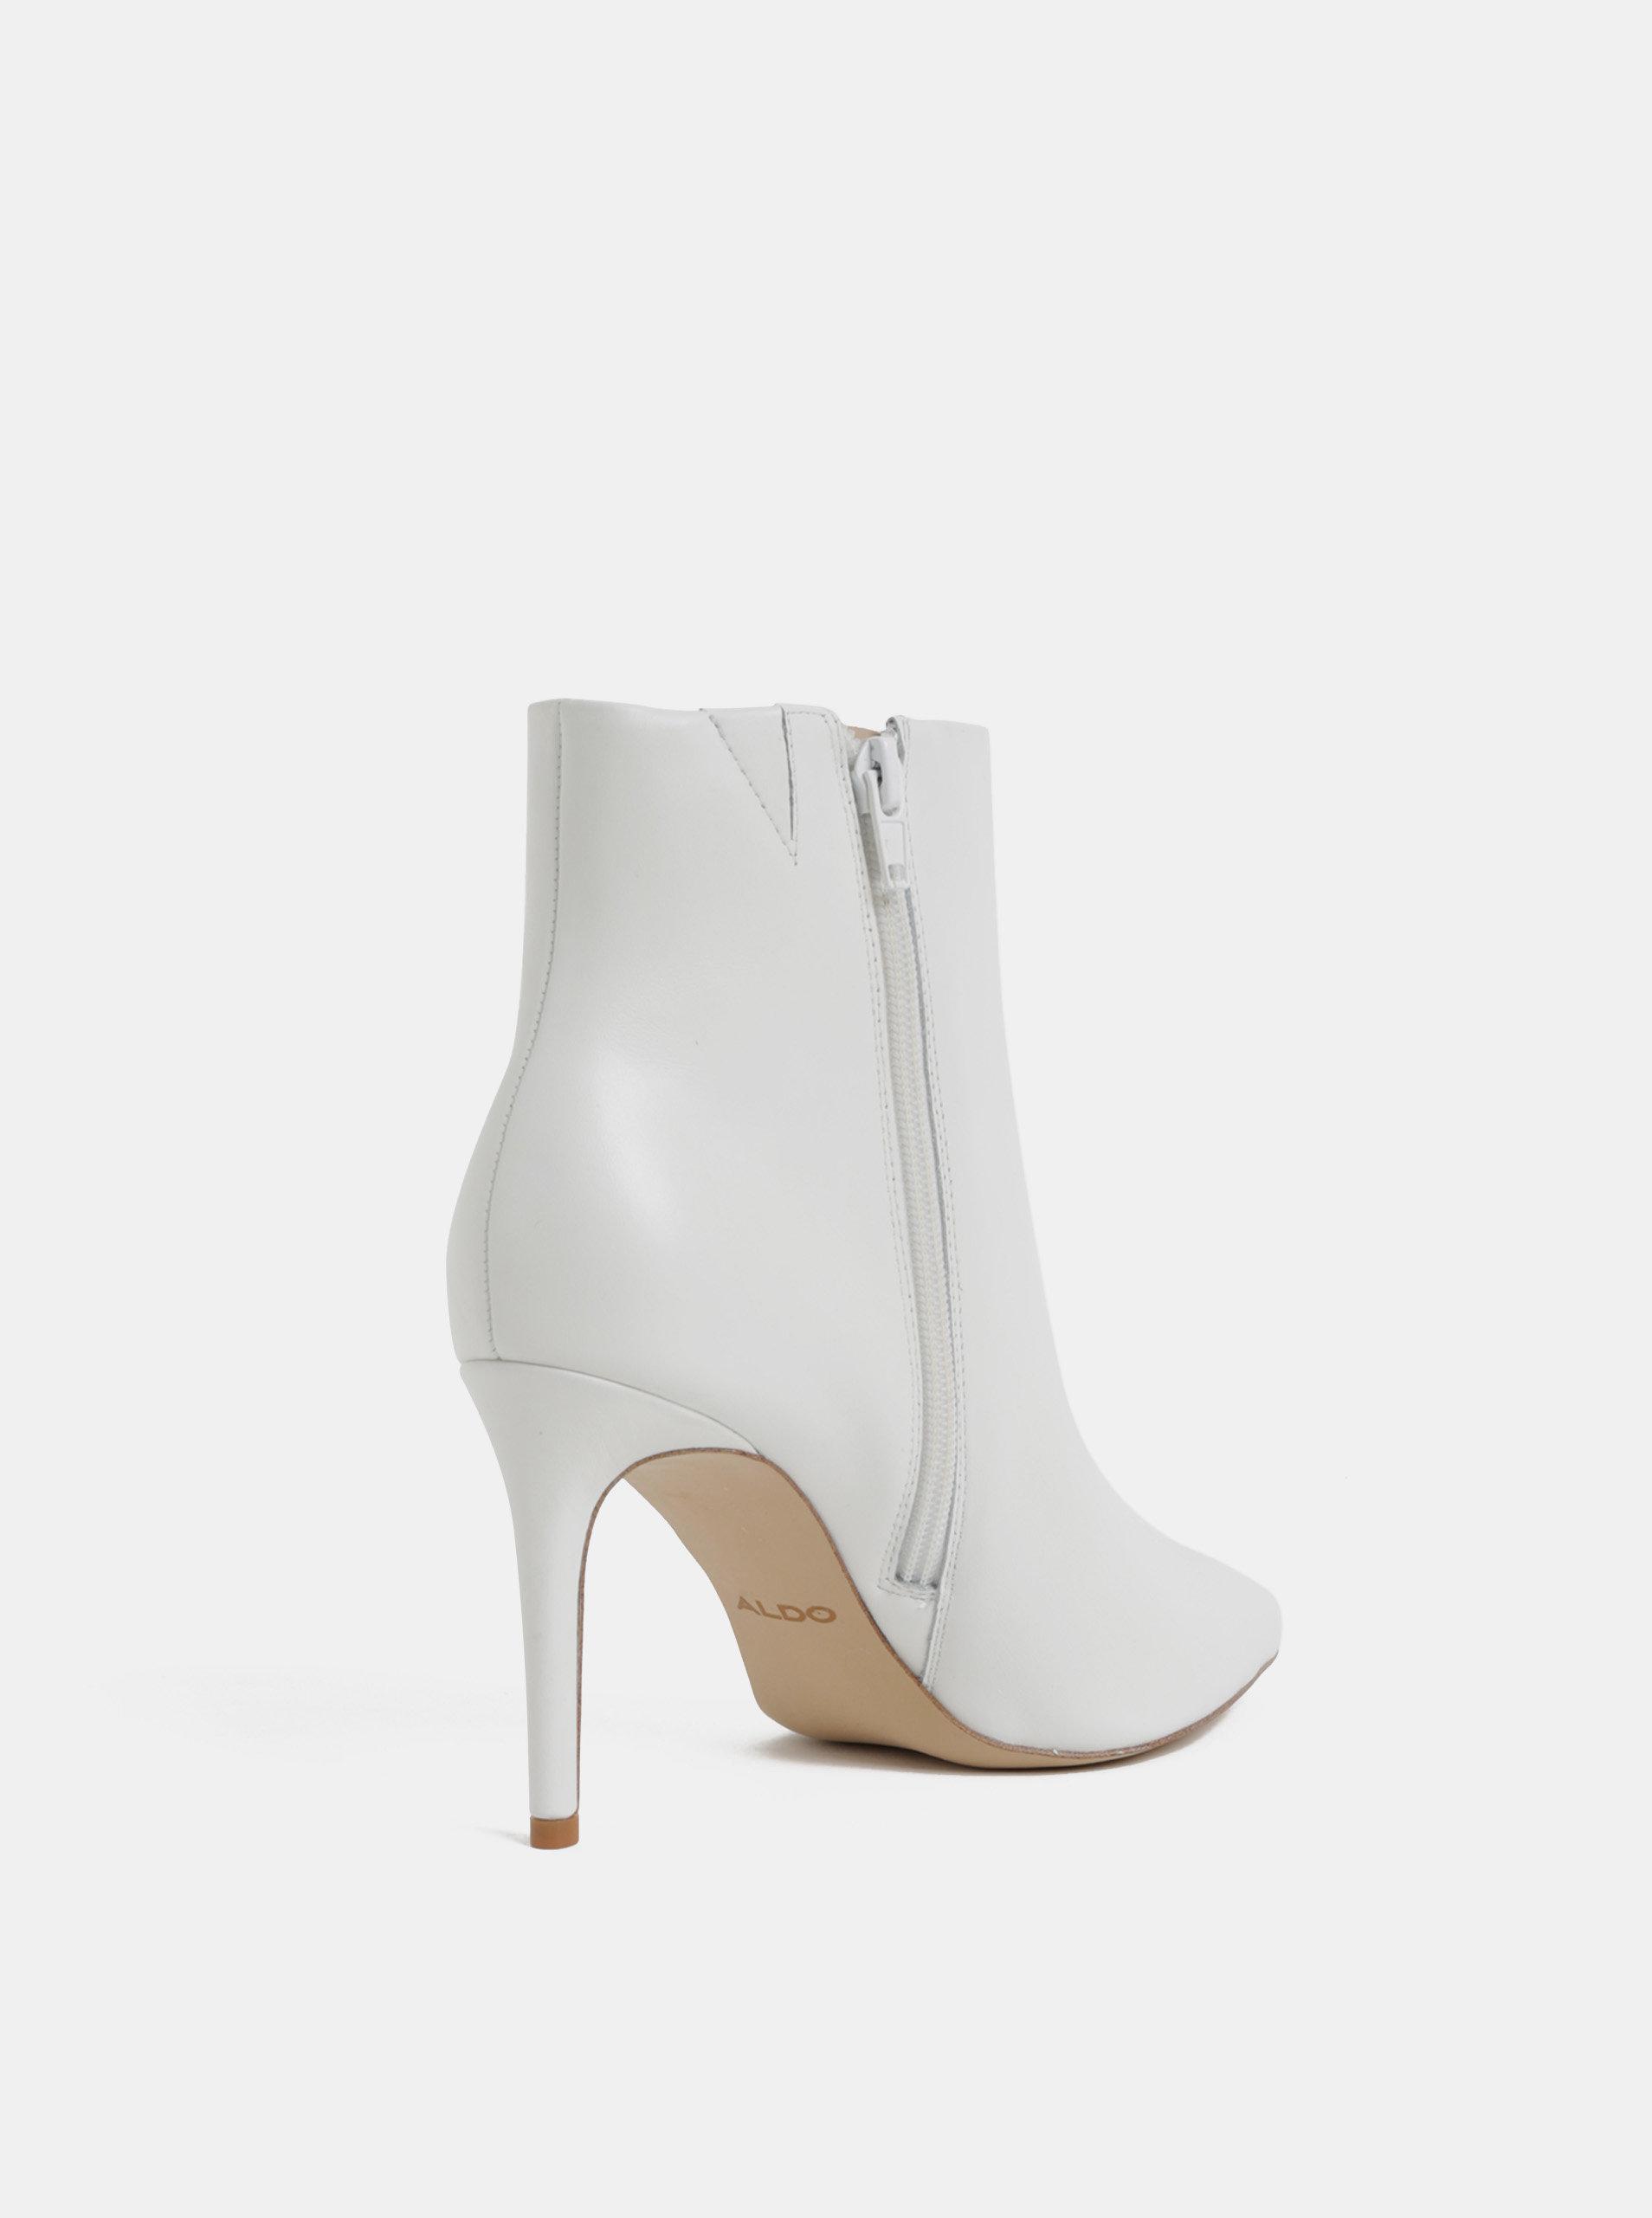 009831a29990 Biele kožené členkové topánky na ihličkovom podpätku ALDO ...